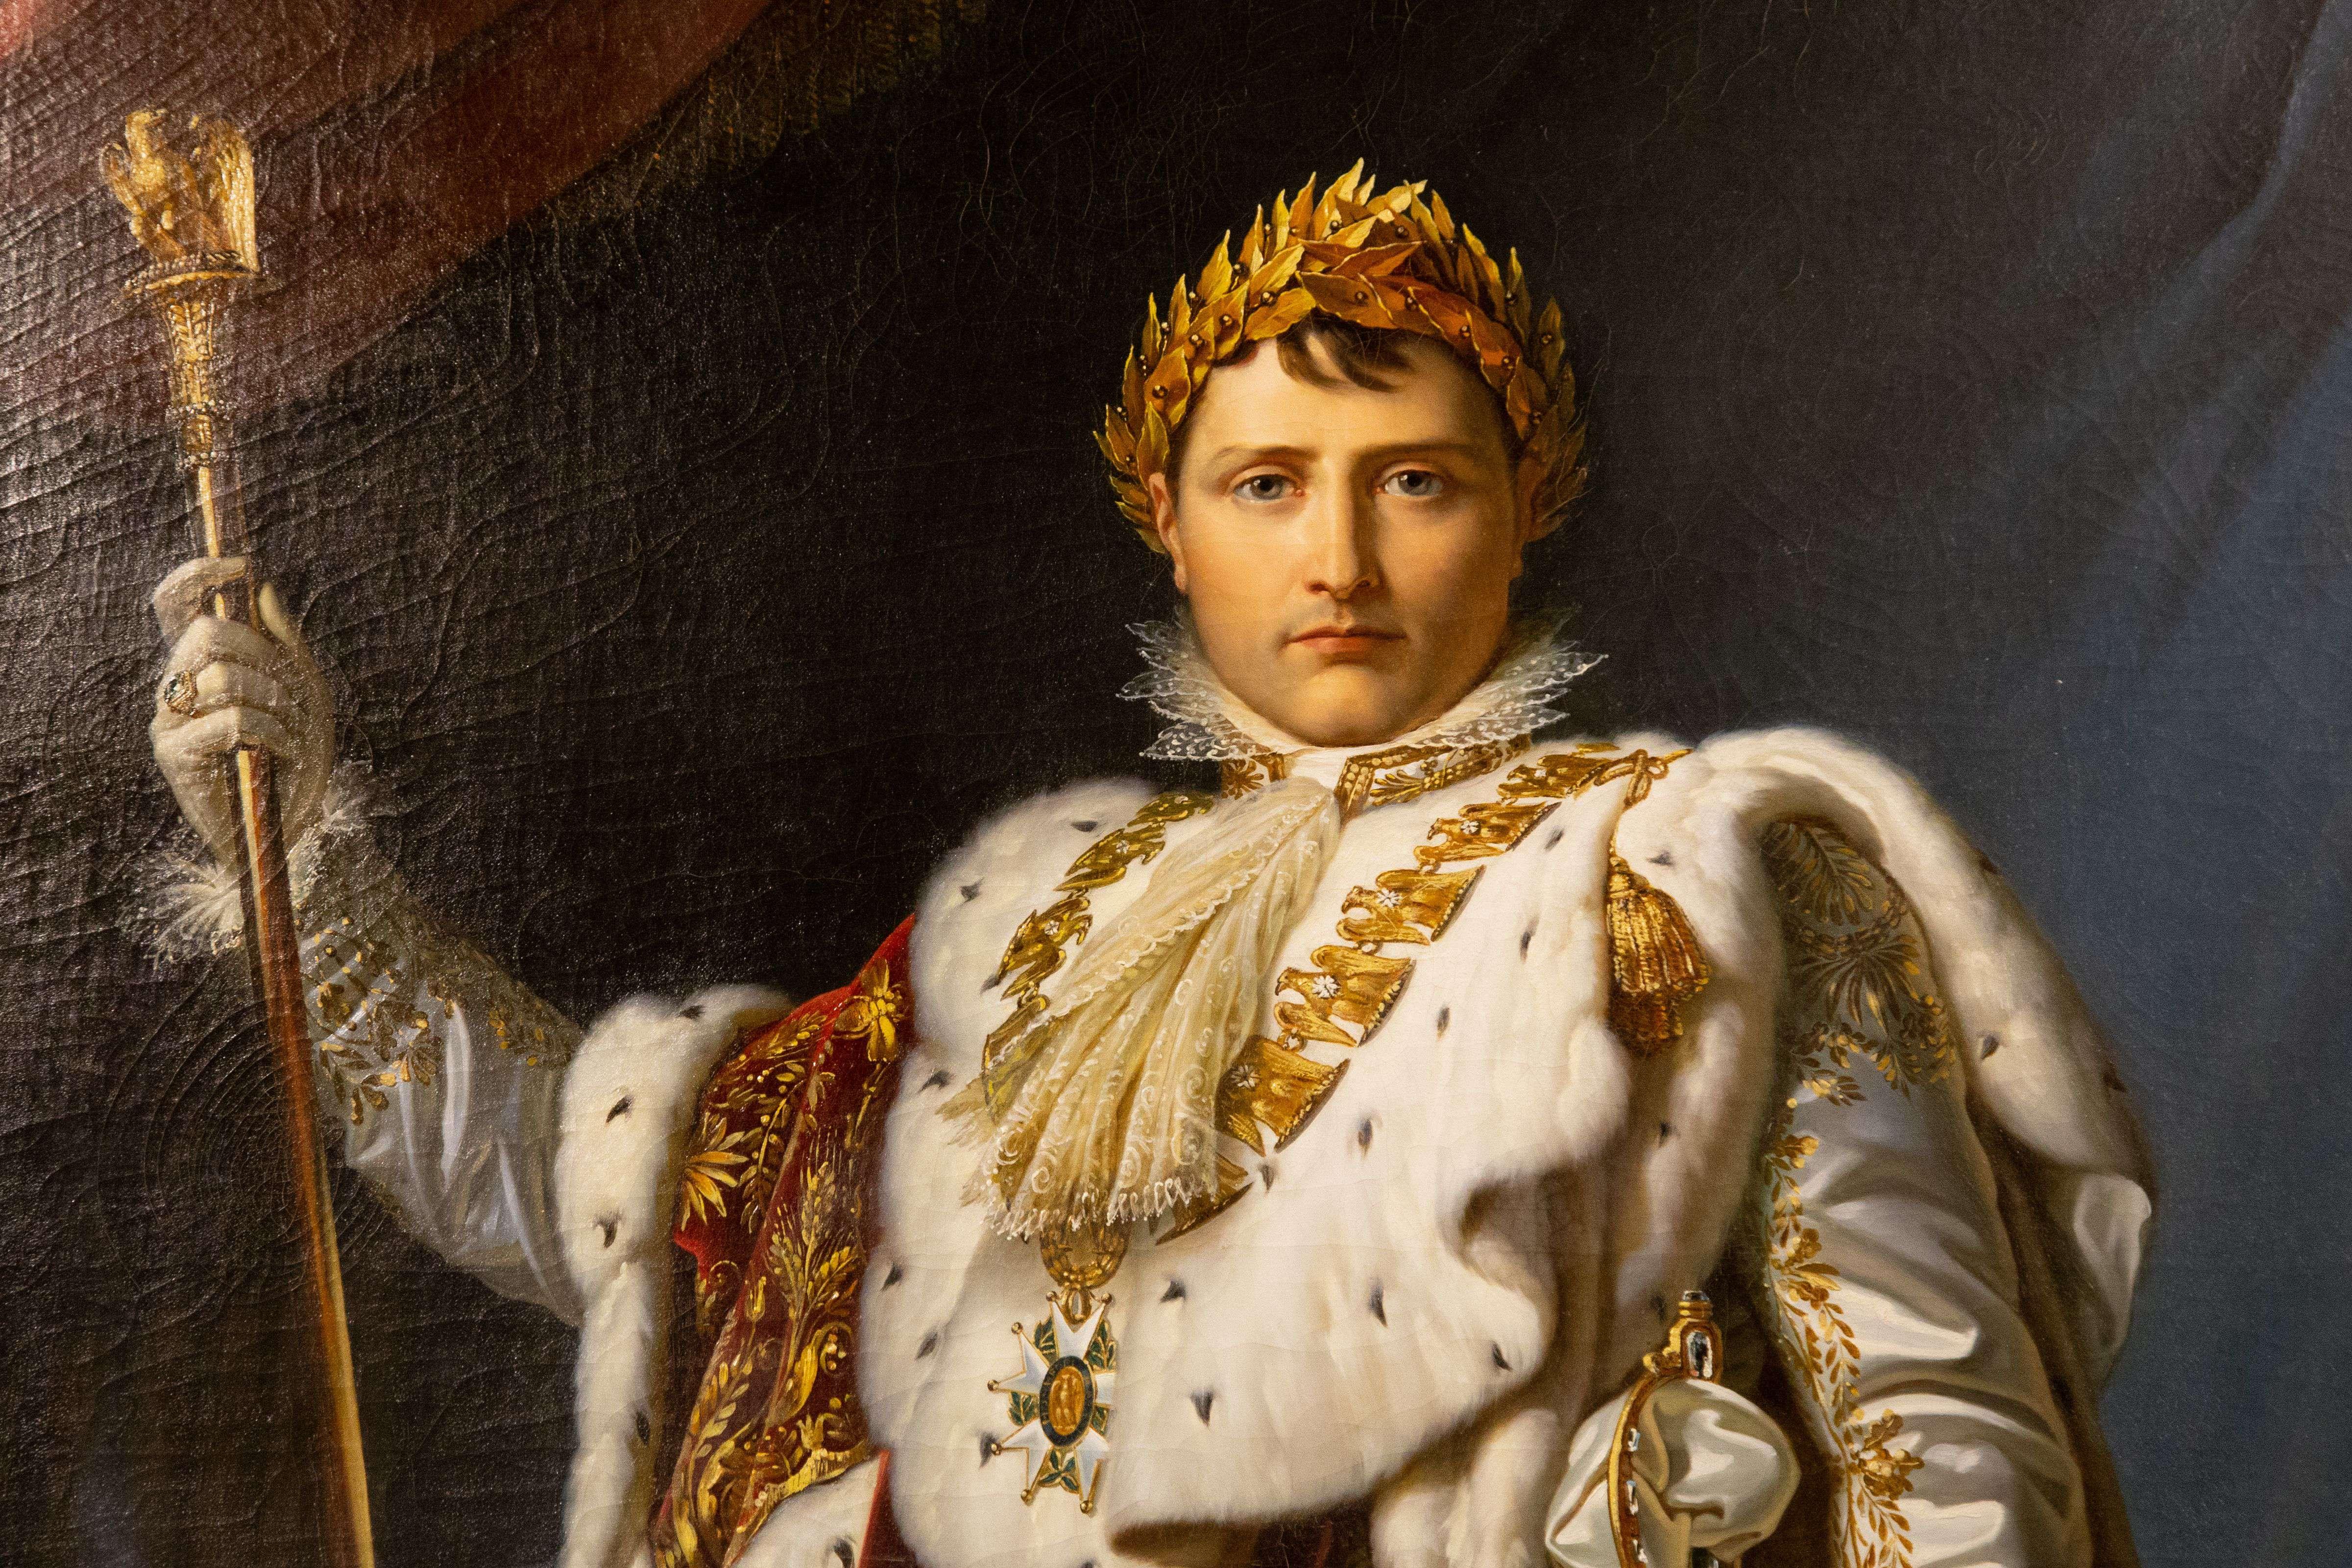 Emmanuel Macron a-t-il raison de commémorer Napoléon? Réactions au Sénat